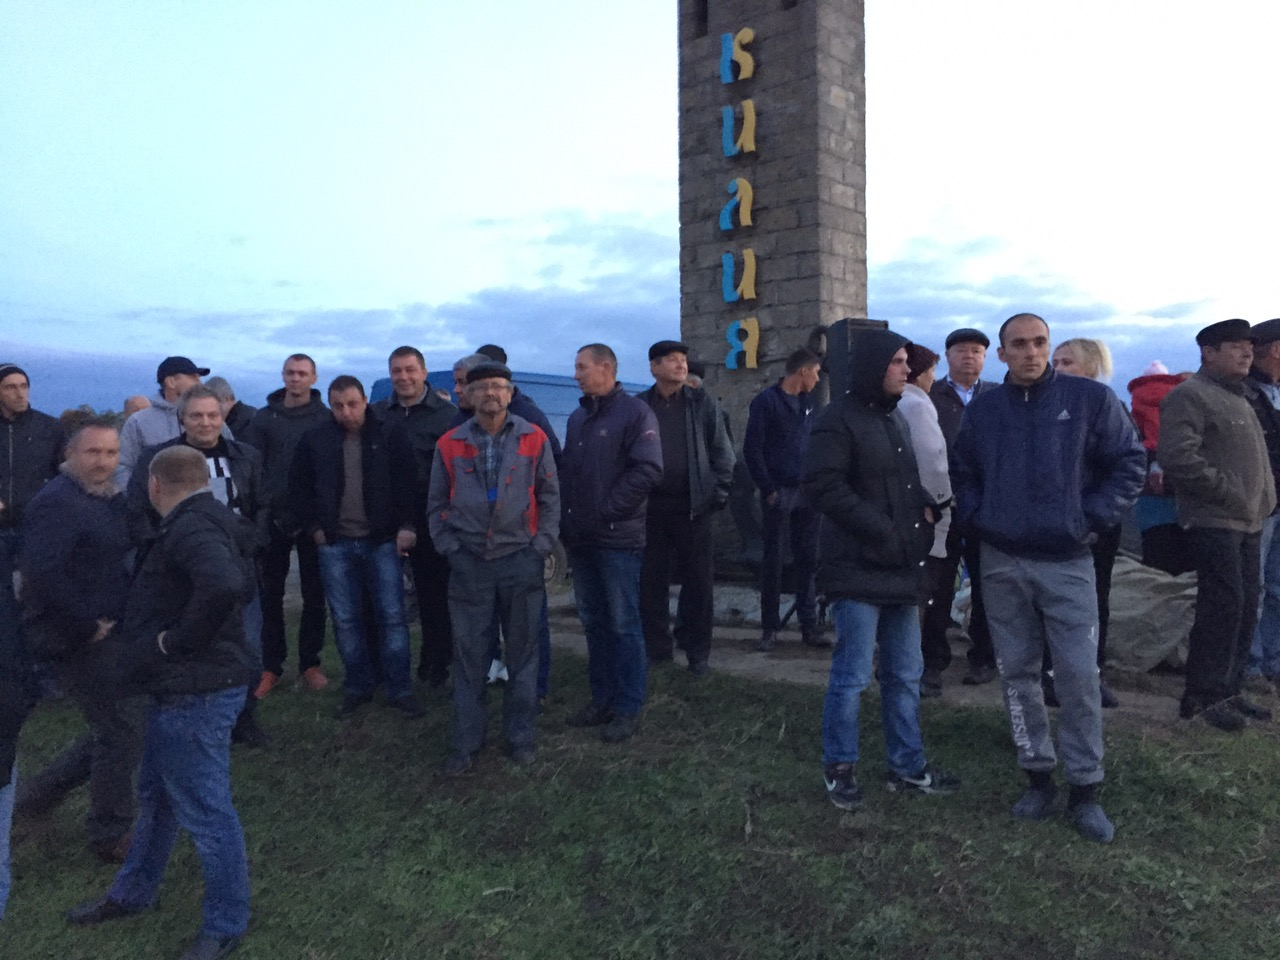 0-02-05-fc9f7e886dfd175621b71c069587739ed328bbd01812cab87fe93a16fe0cc56d_full Саакашвили пообещал в течении 48 часов разблокировать ремонт дороги Килия-Спасское